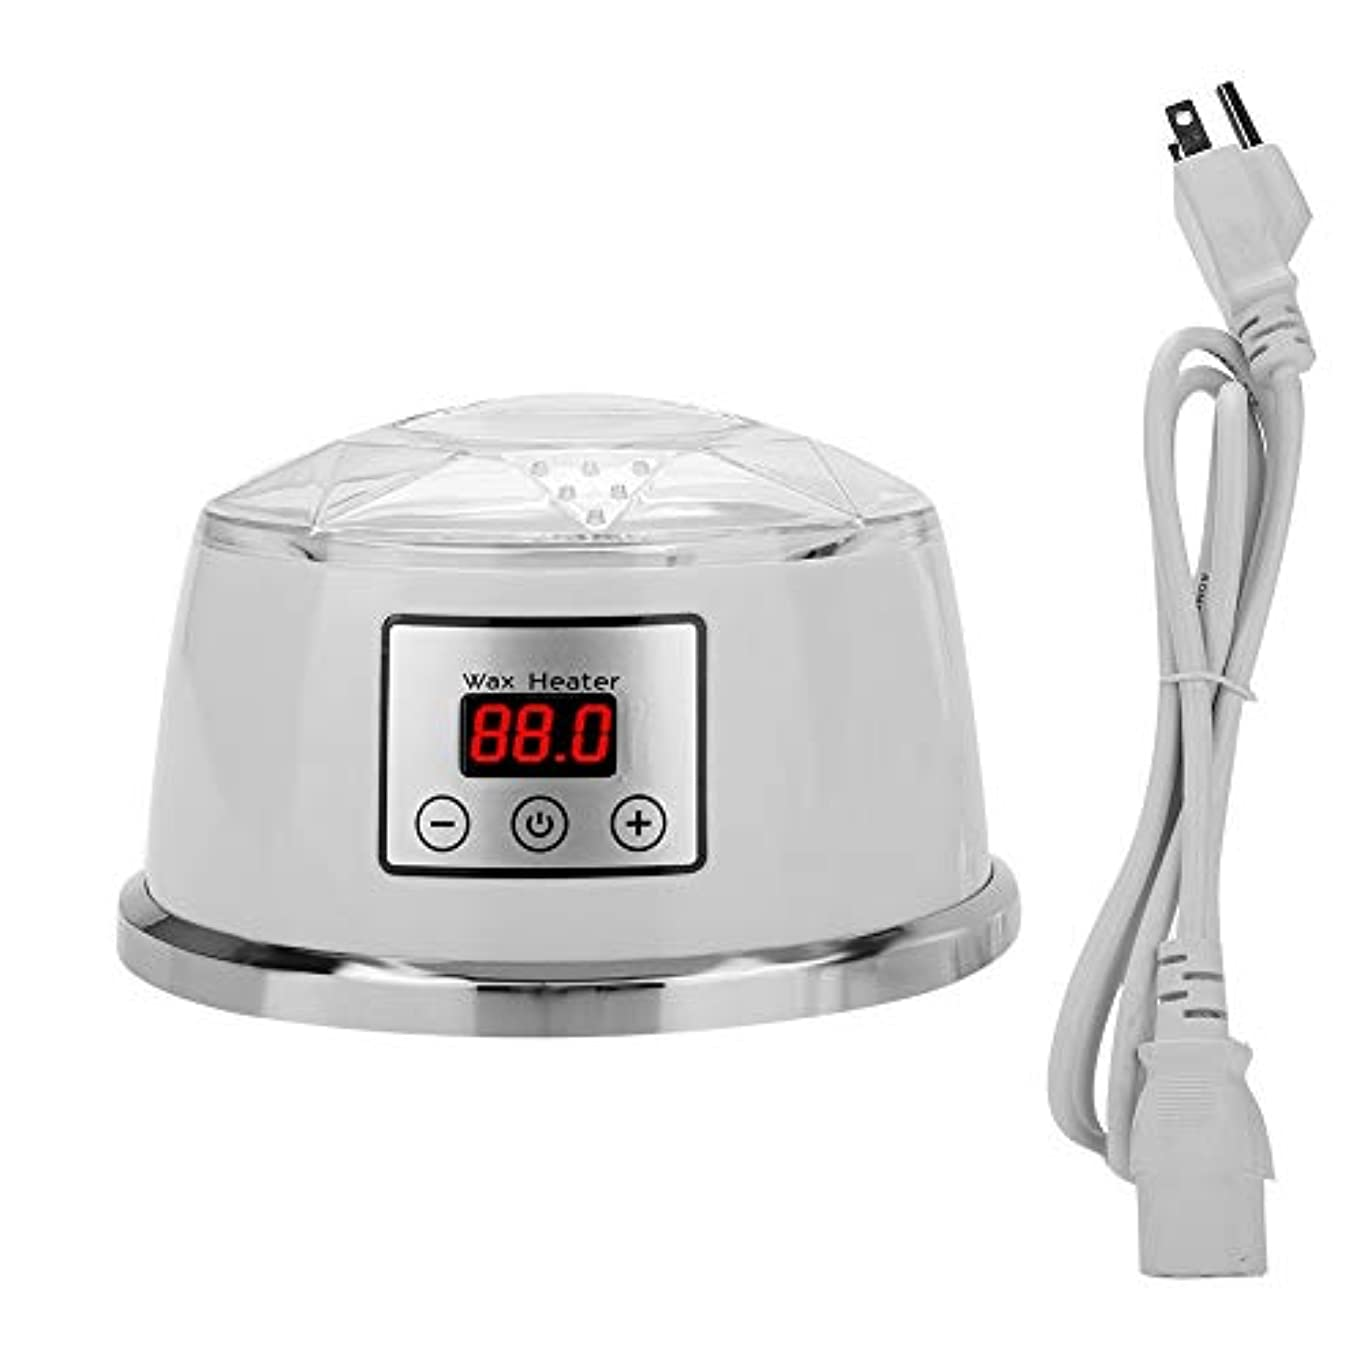 ワックスウォーマー多機能温度制御ワックス暖房機脱毛家庭用(110?220V)